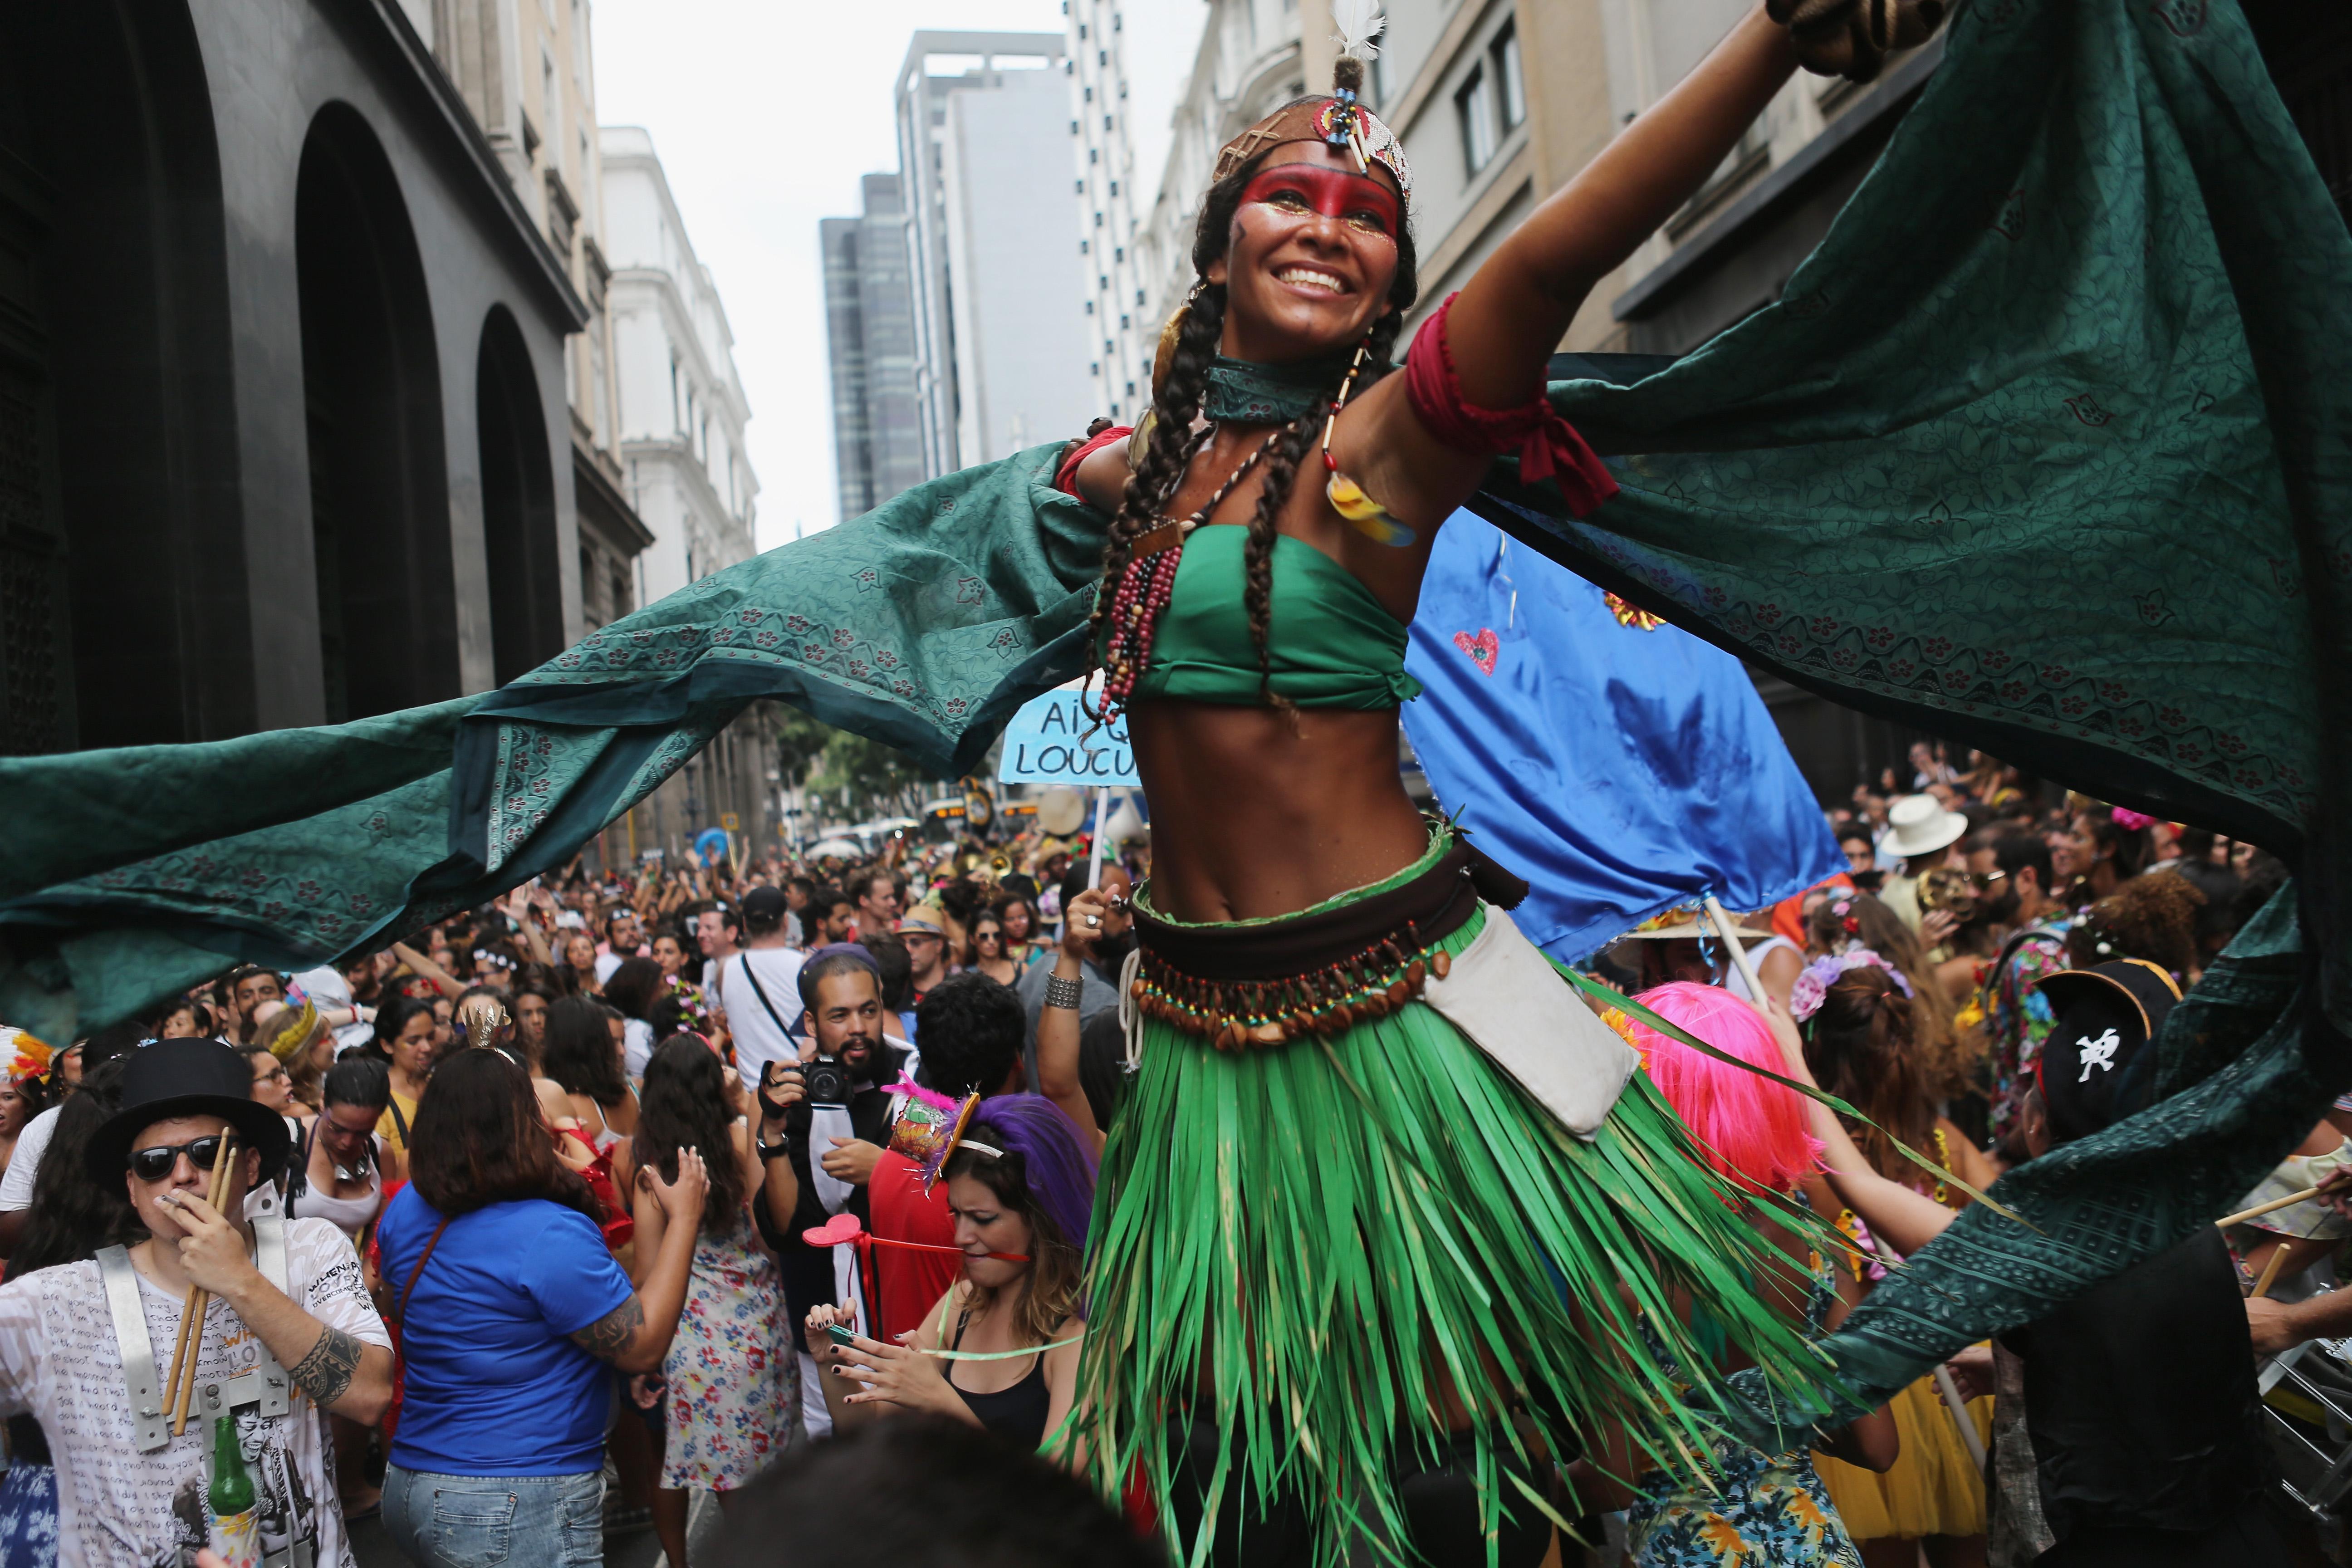 Blocos de rua do Carnaval do Rio de Janeiro